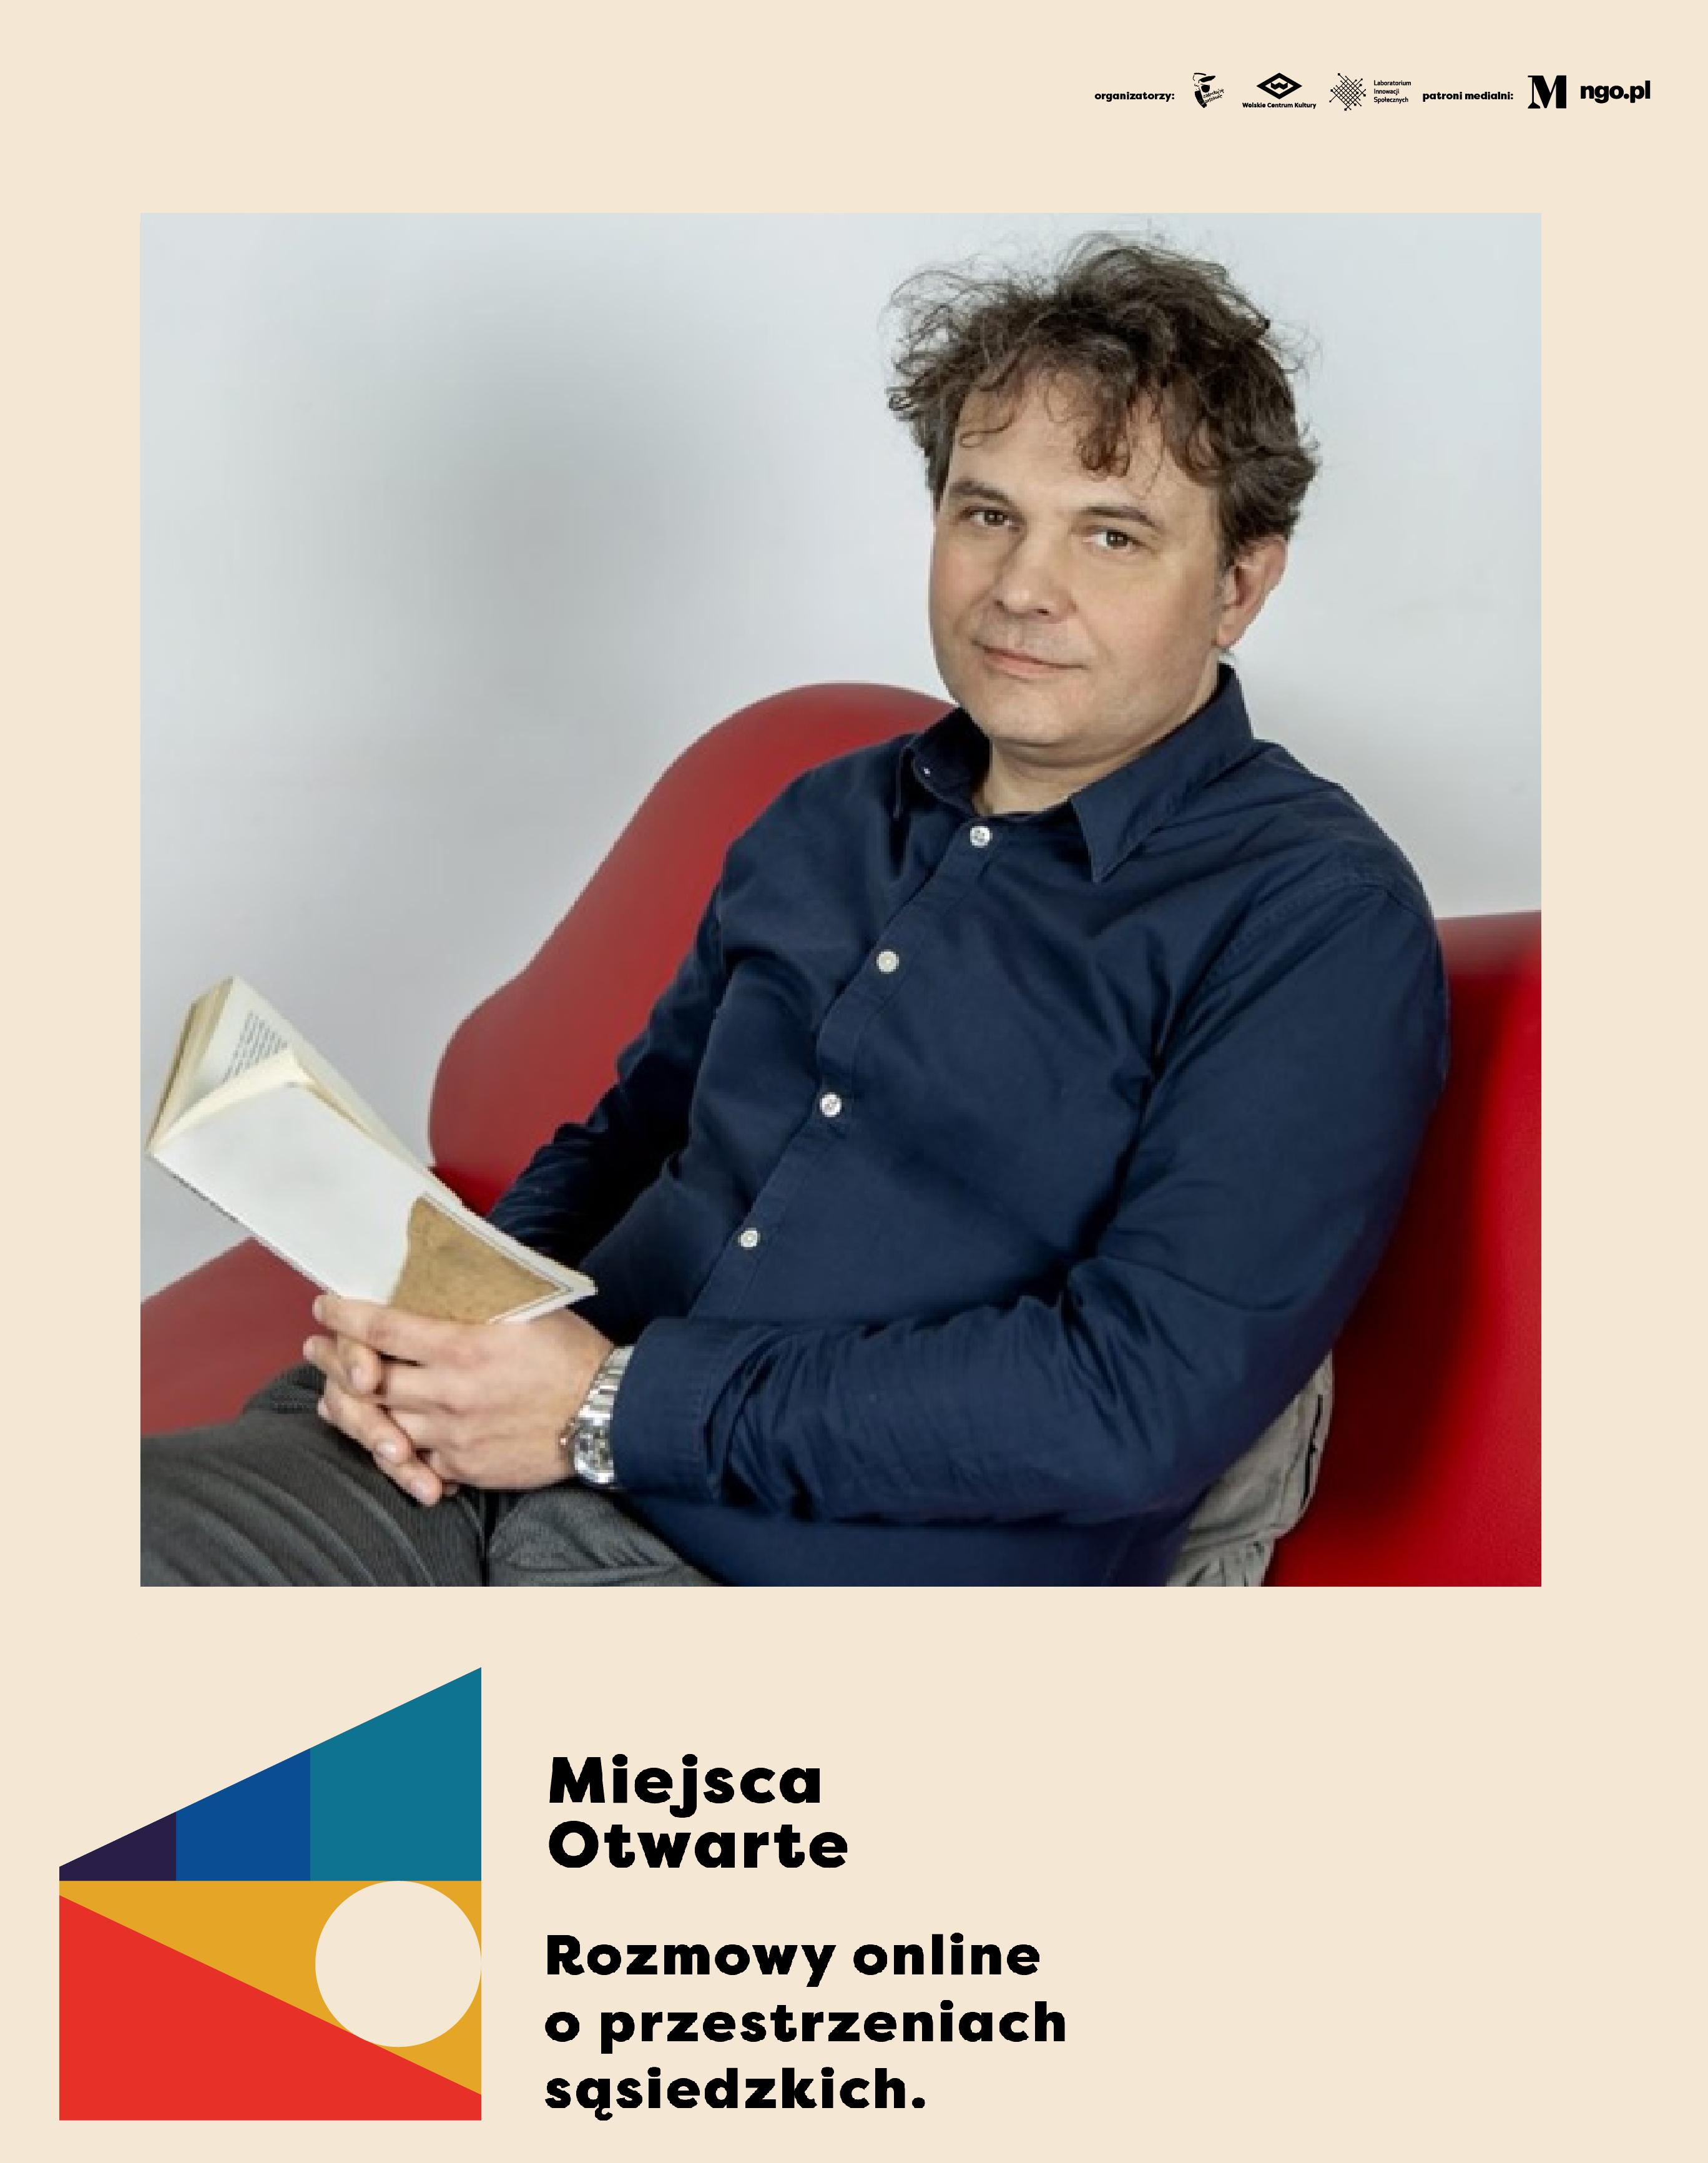 Zdjęcie Krzysztofa Mikołajewskiego